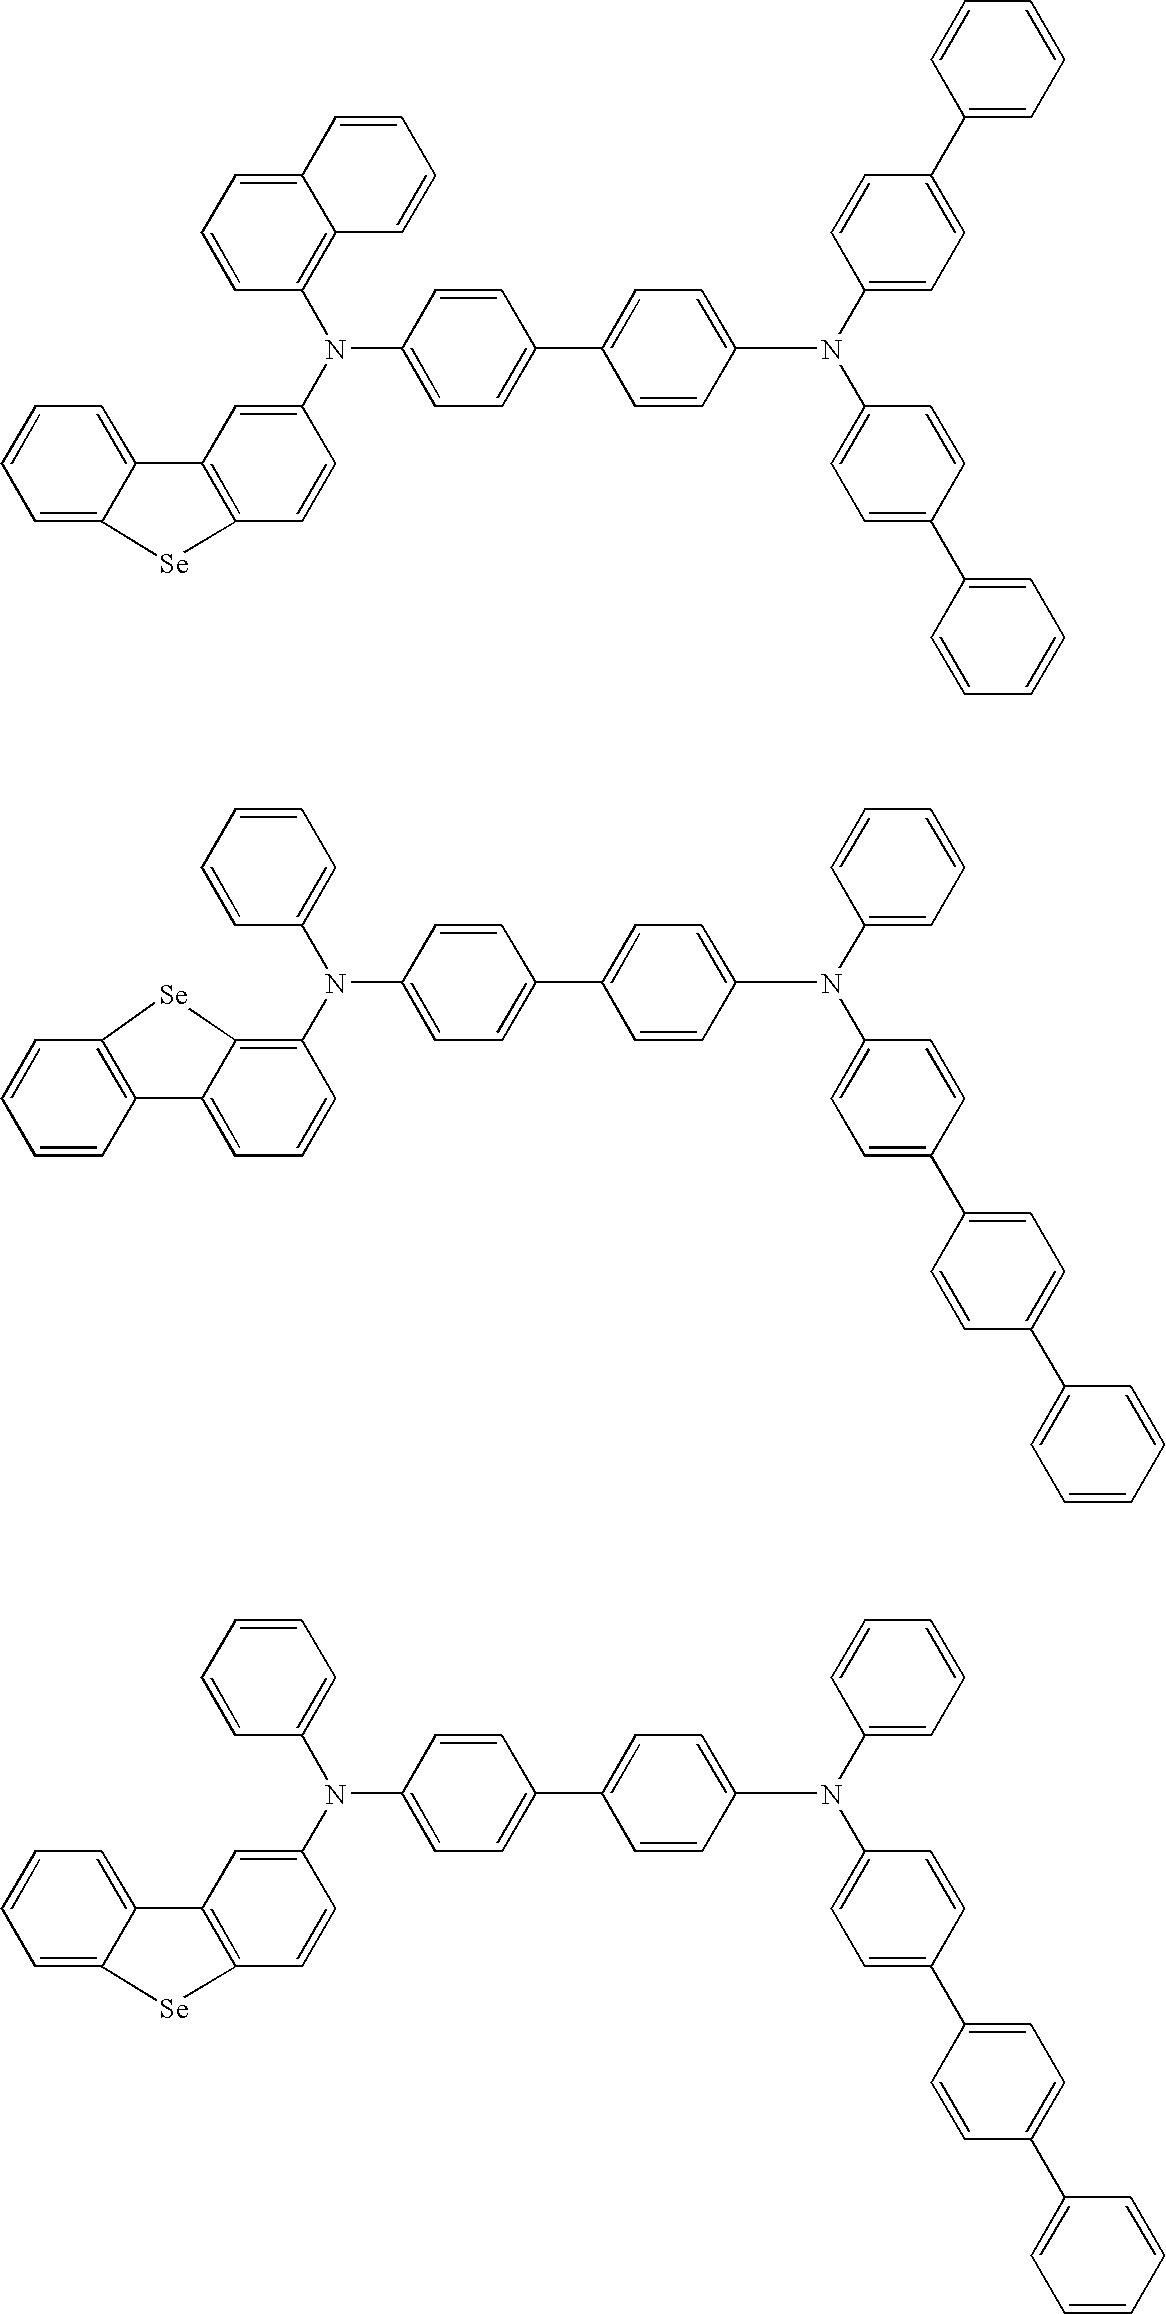 Figure US20100072887A1-20100325-C00022